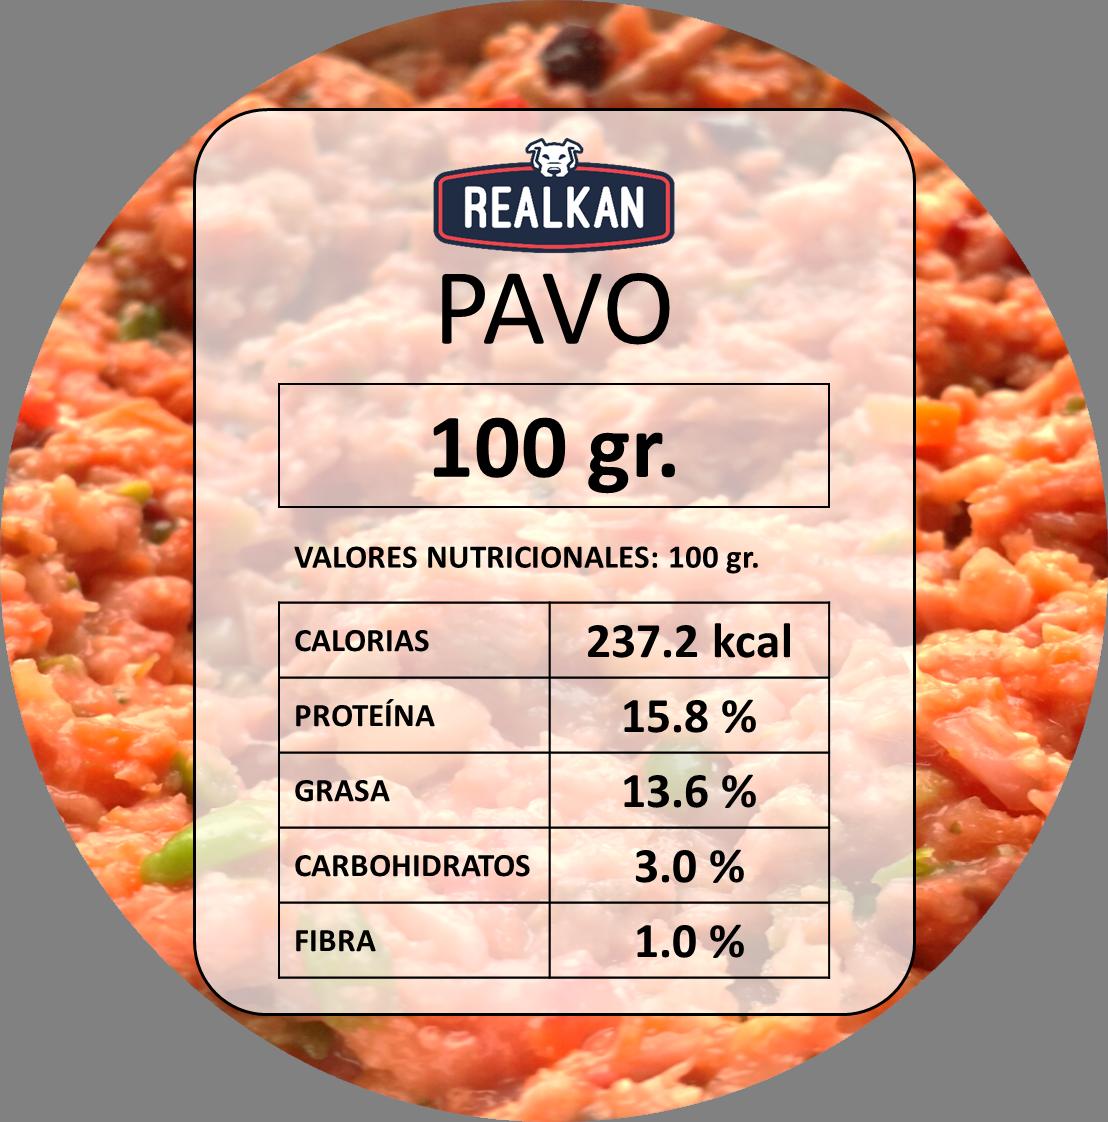 RECETA PAVO: brazuelo y carne de pavo, carne de res, mezcla de vegetales* y aceites y semillas**. *Mezcla de vegetales: zanahoria, camote, brócoli, betarraga, apio, pepino, col y espinaca. **Aceites y semillas: aceite de oliva, vinagre de manzana, girasol, chía, linaza, ajonjolí, infusión de menta y manzanilla.  No solo les encanta si no que cubre todas las necesidades.